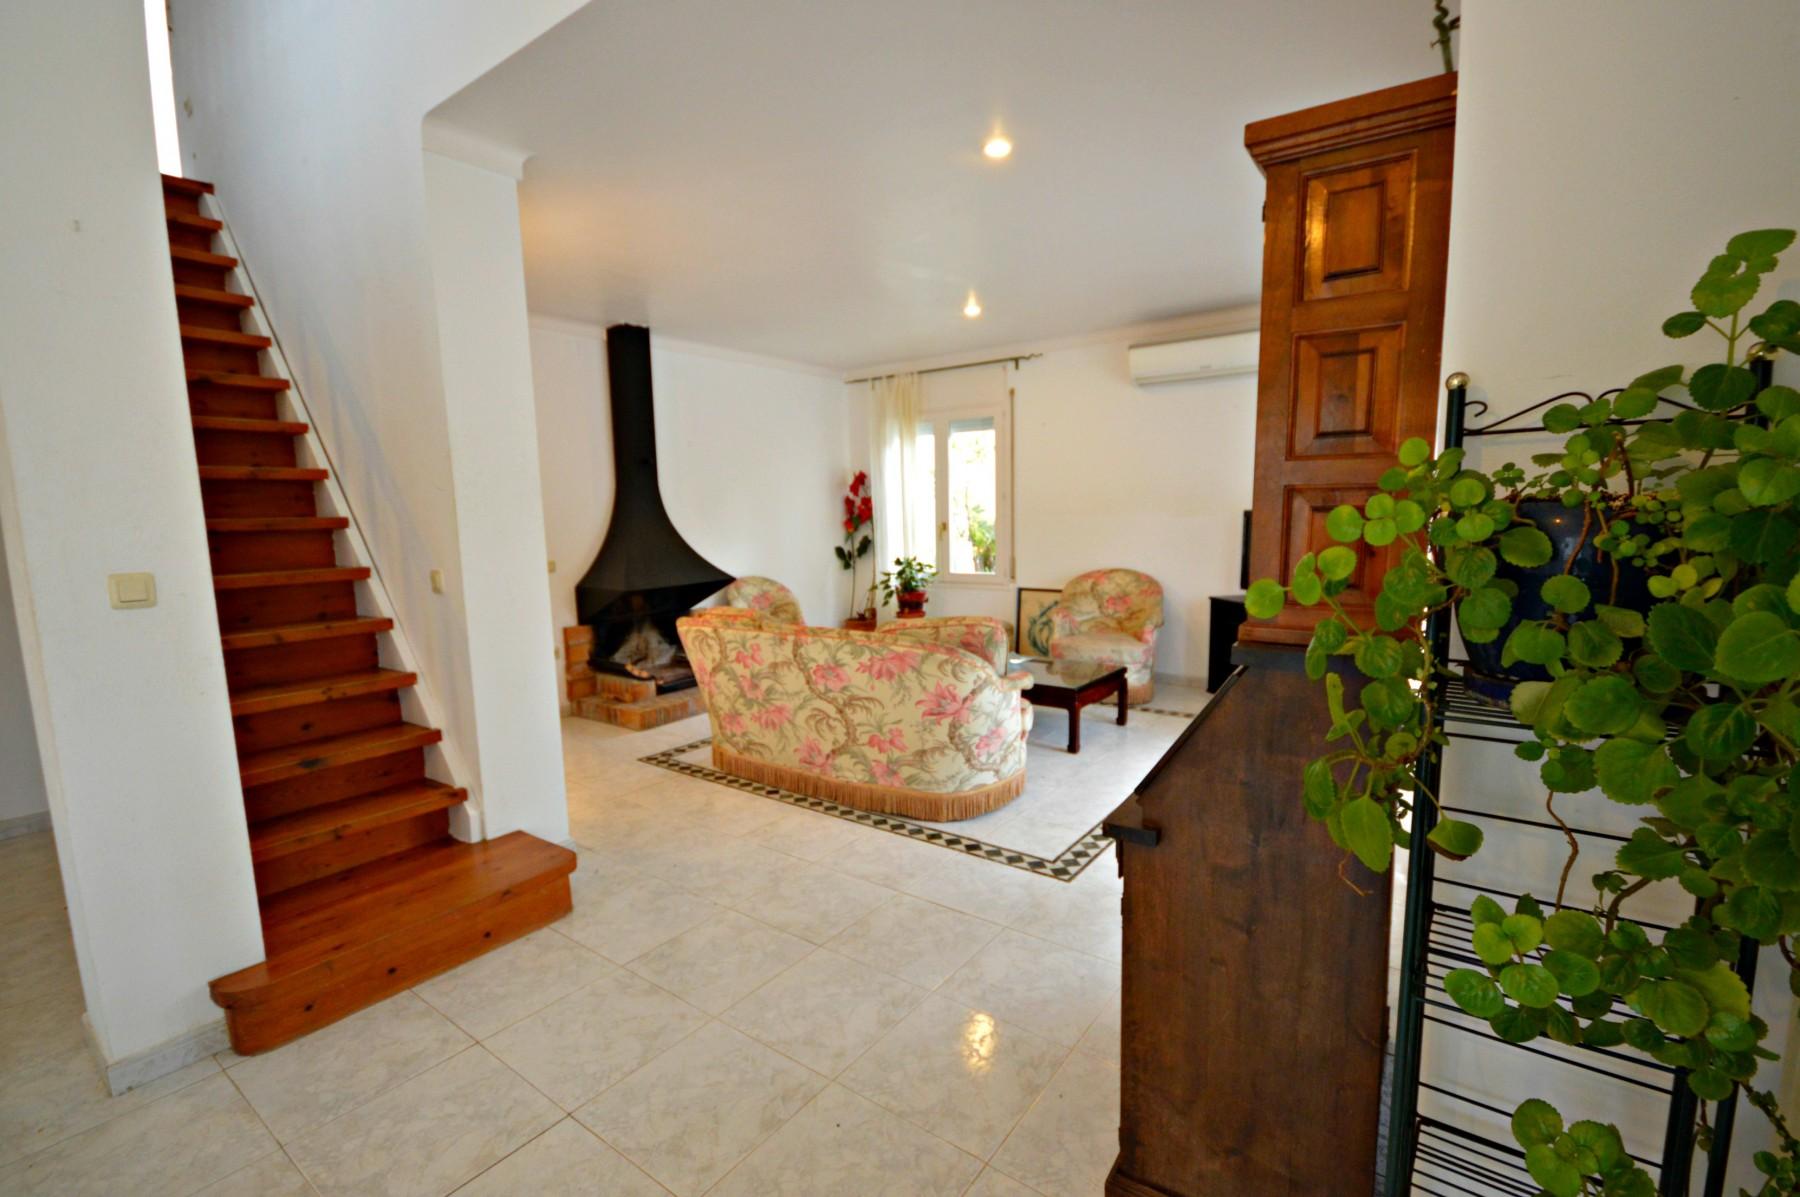 Villa Casa Oraly,Sant Pere Pescador,Costa Brava #2